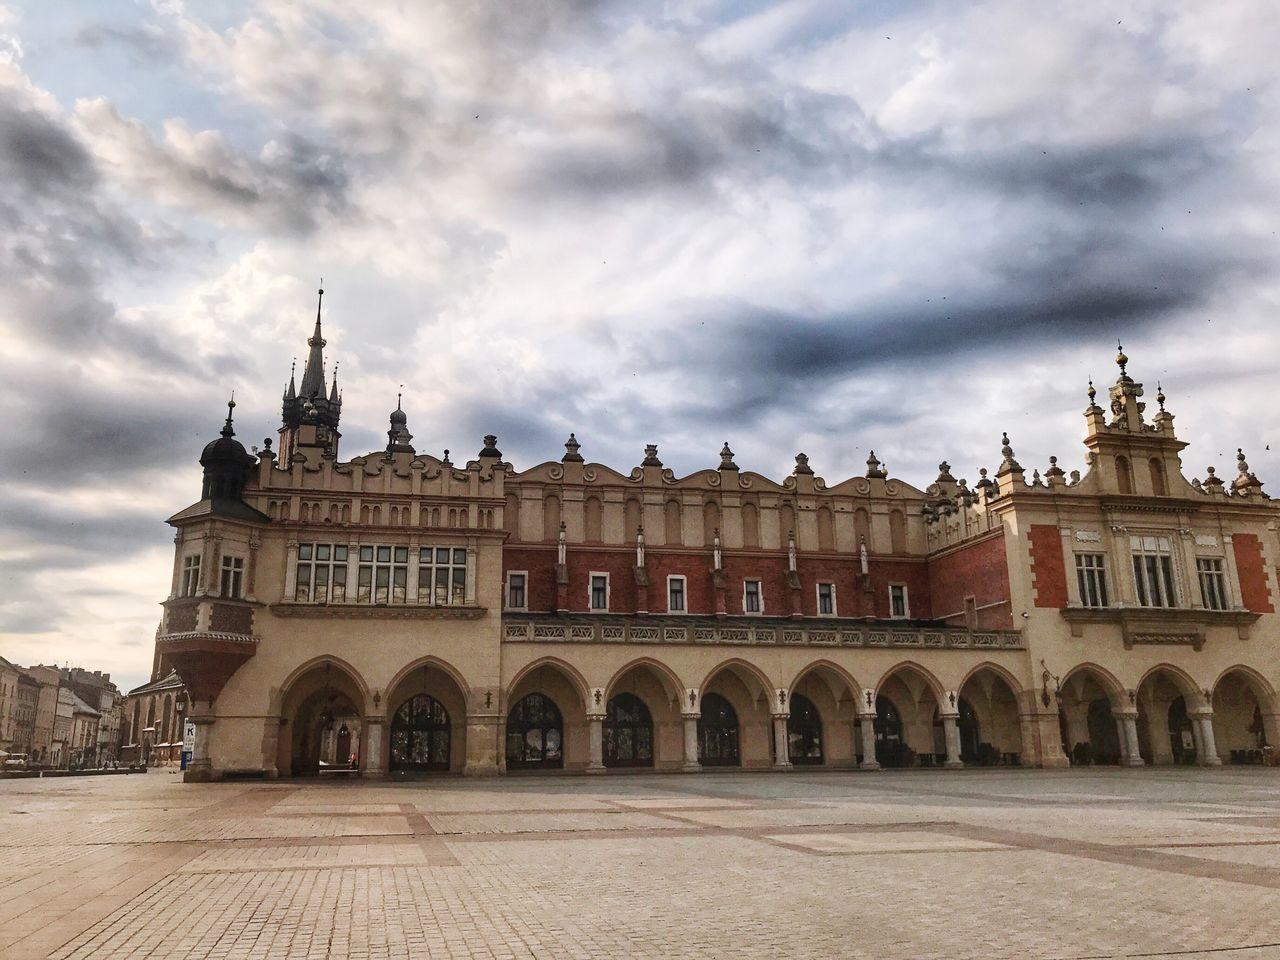 Krakow Old Town Rynek Główny Stare Miasto Main Square Krakow Krakow,Poland Poland